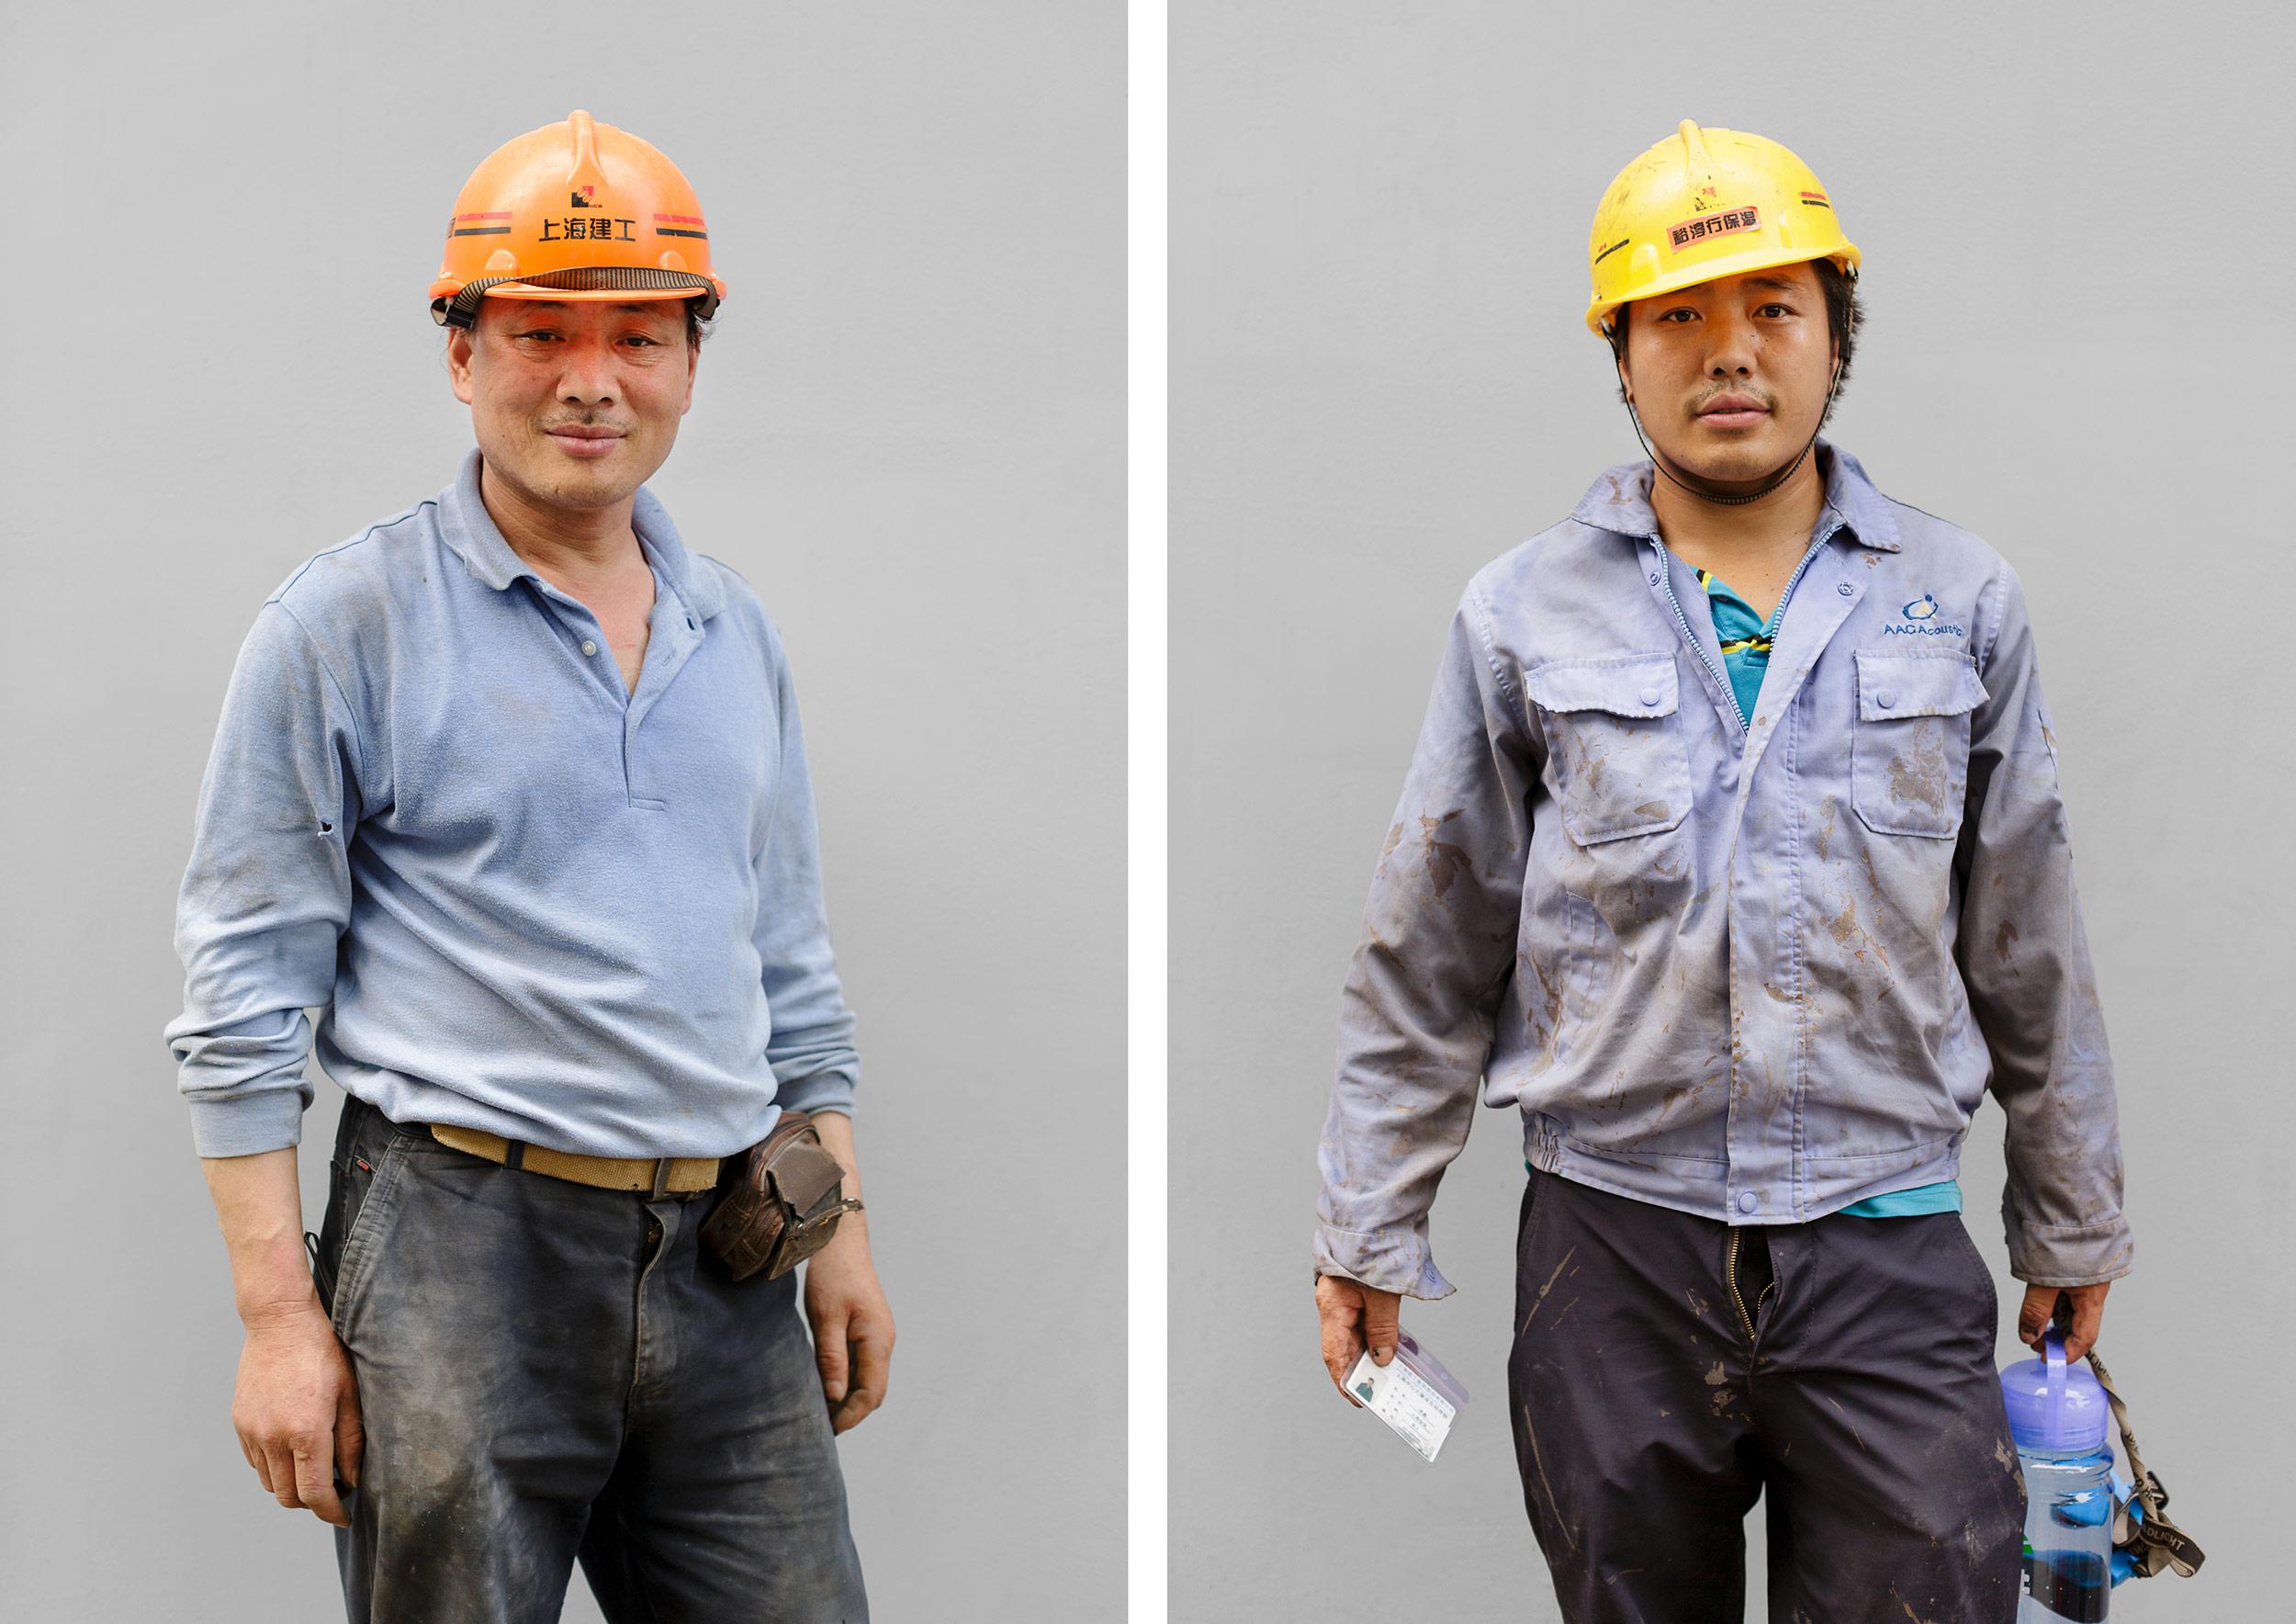 Workers10.jpg